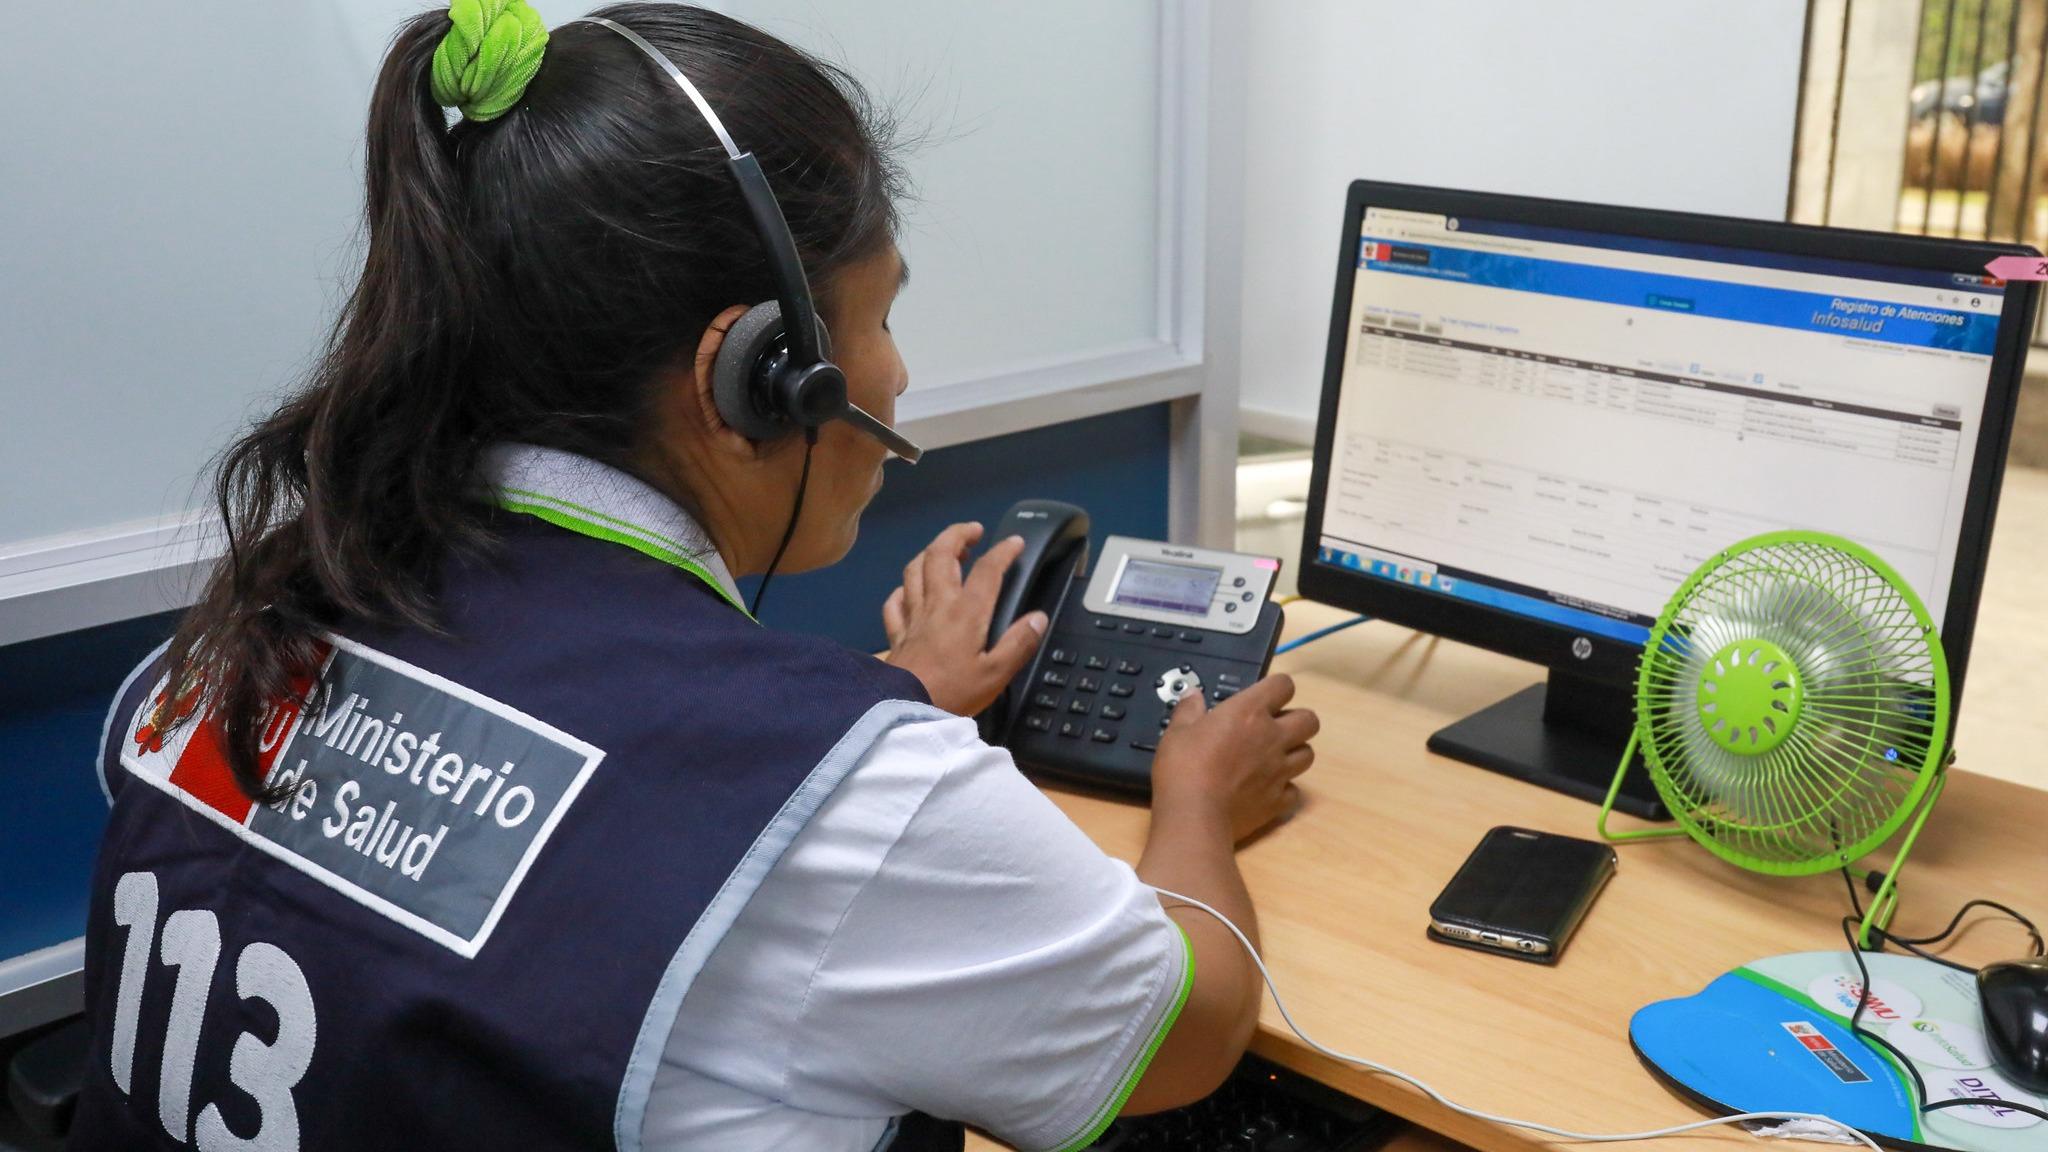 Más de 164 mil llamadas atendió la Línea 113 SALUD en 2019.